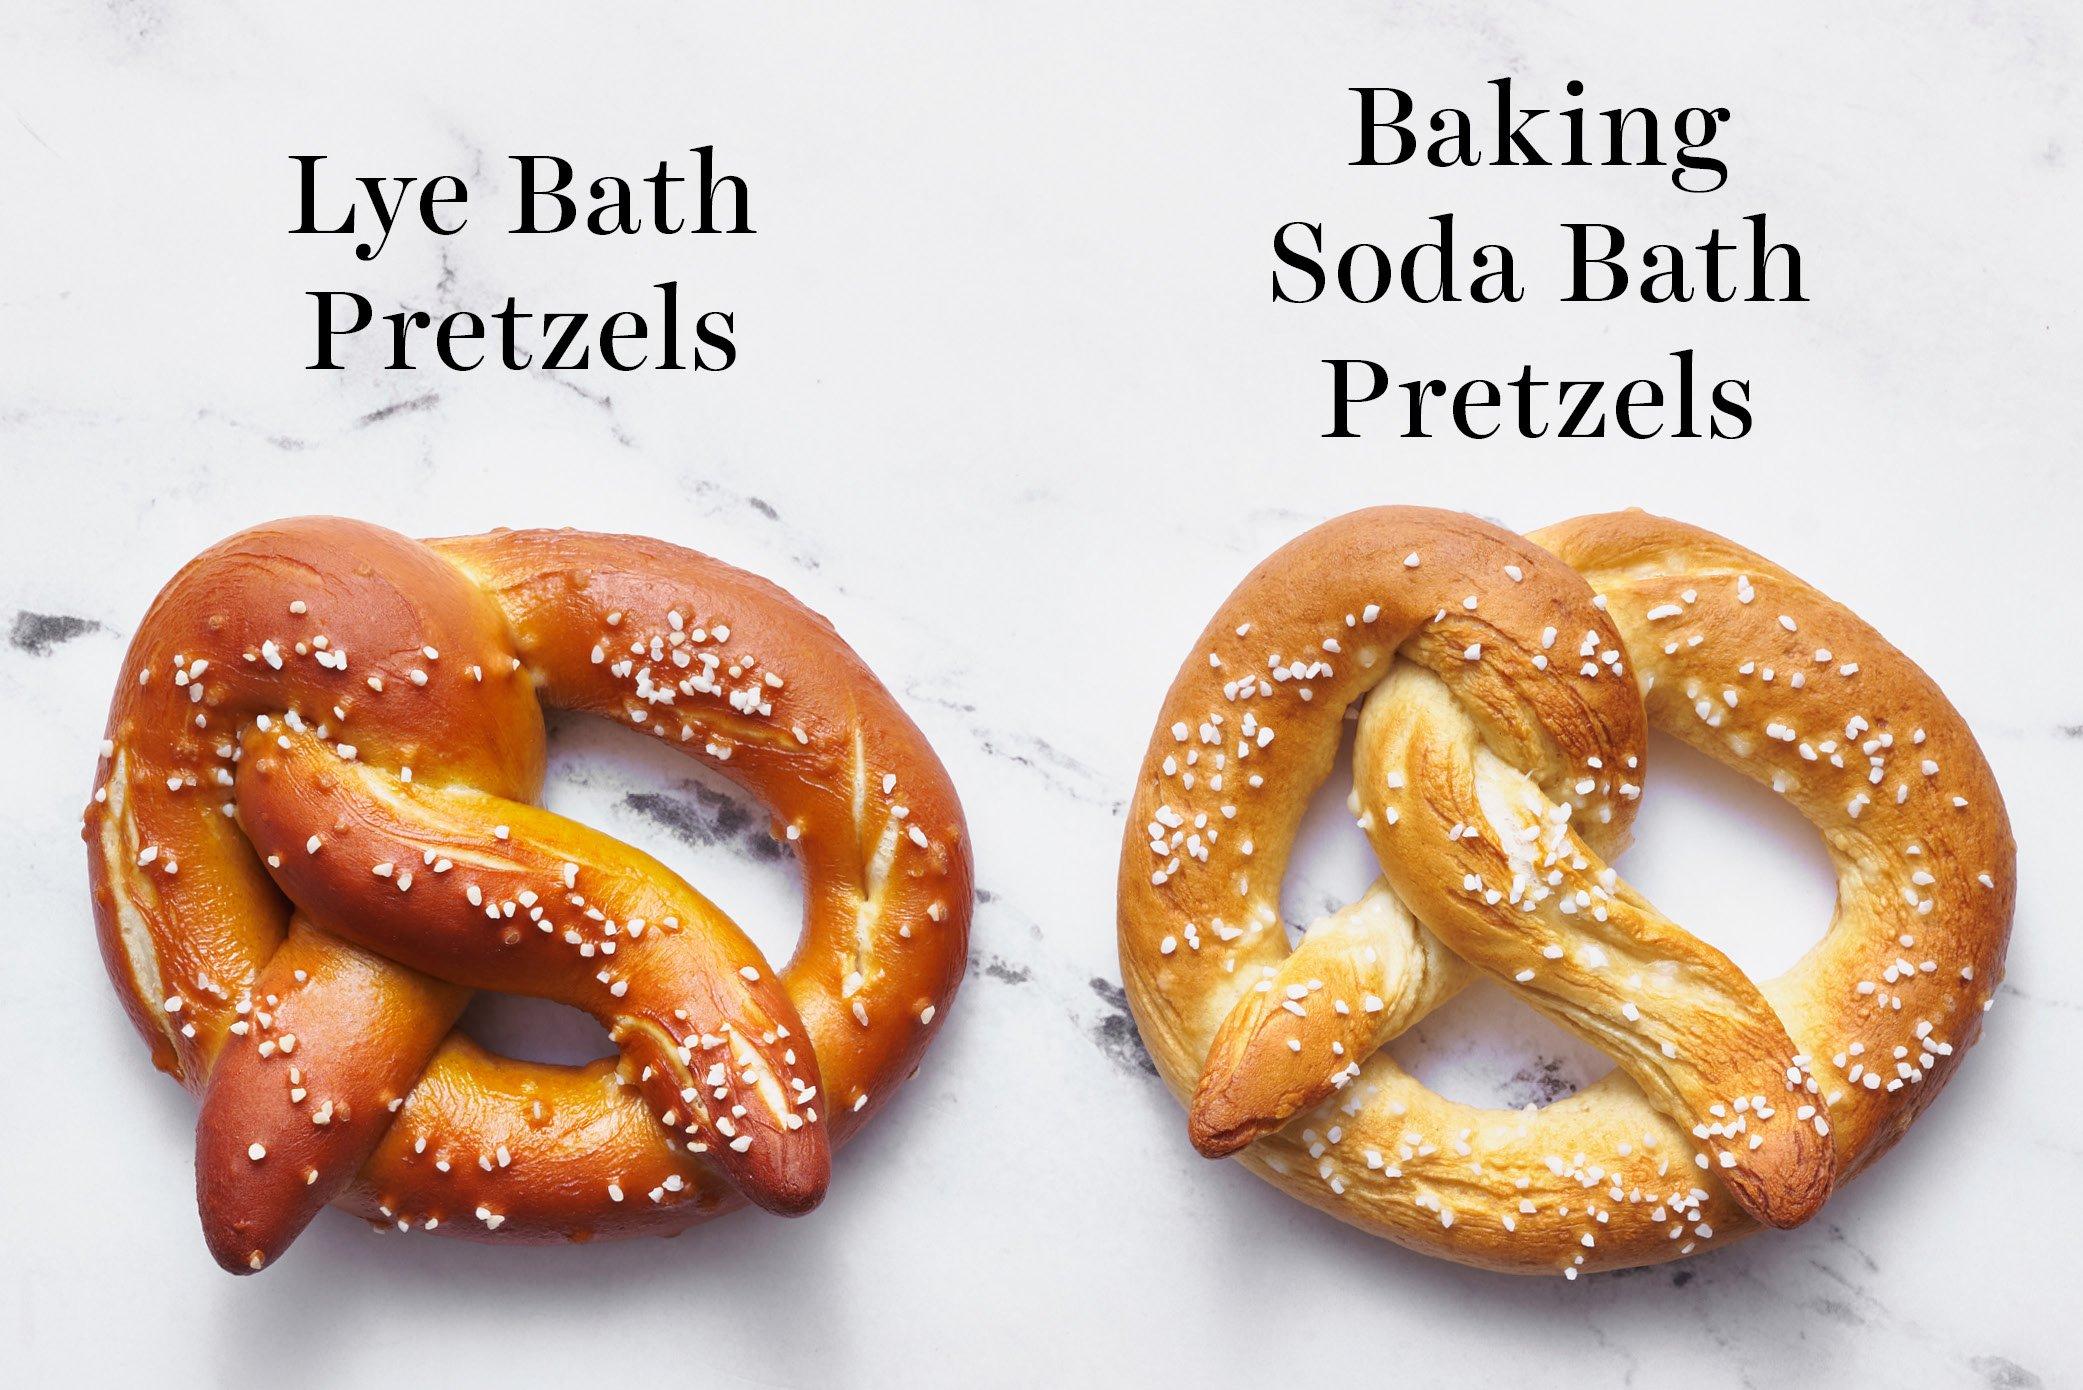 a comparison of lye bath pretzels vs baking soda bath pretzels